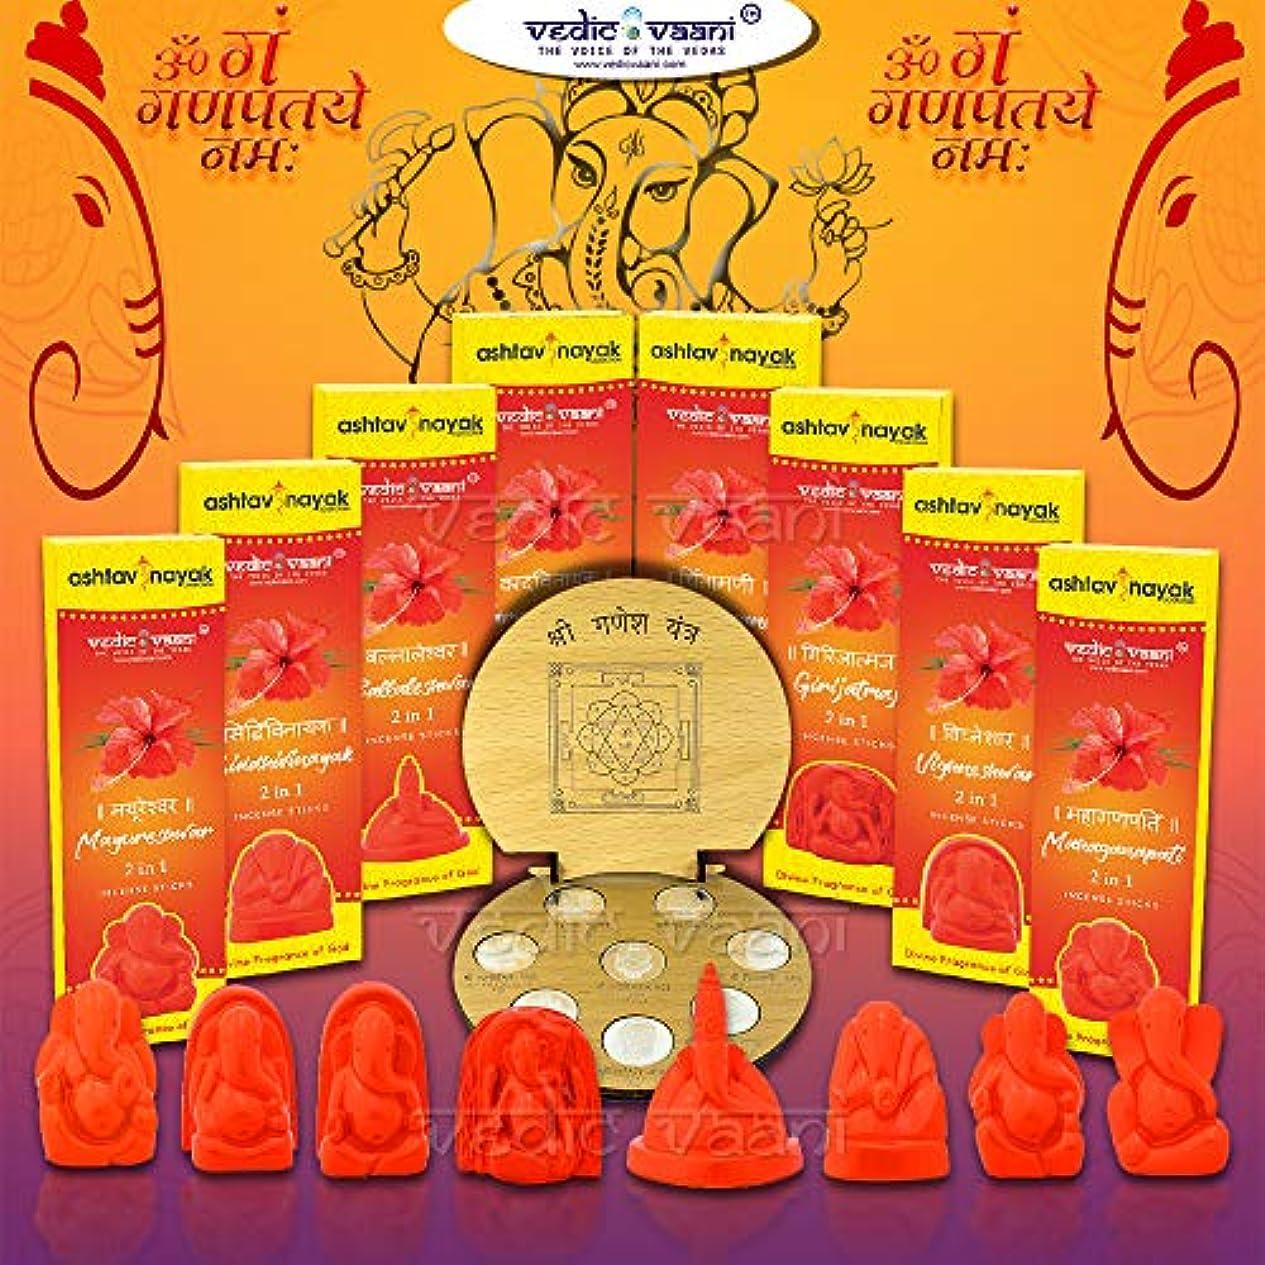 クマノミ半円ジャングルVedic Vaani Shree Ashtavinayak Darshan Yantra with Ashtavinayak Darshan Set & Ganesh Festival お香セット (各100GM)